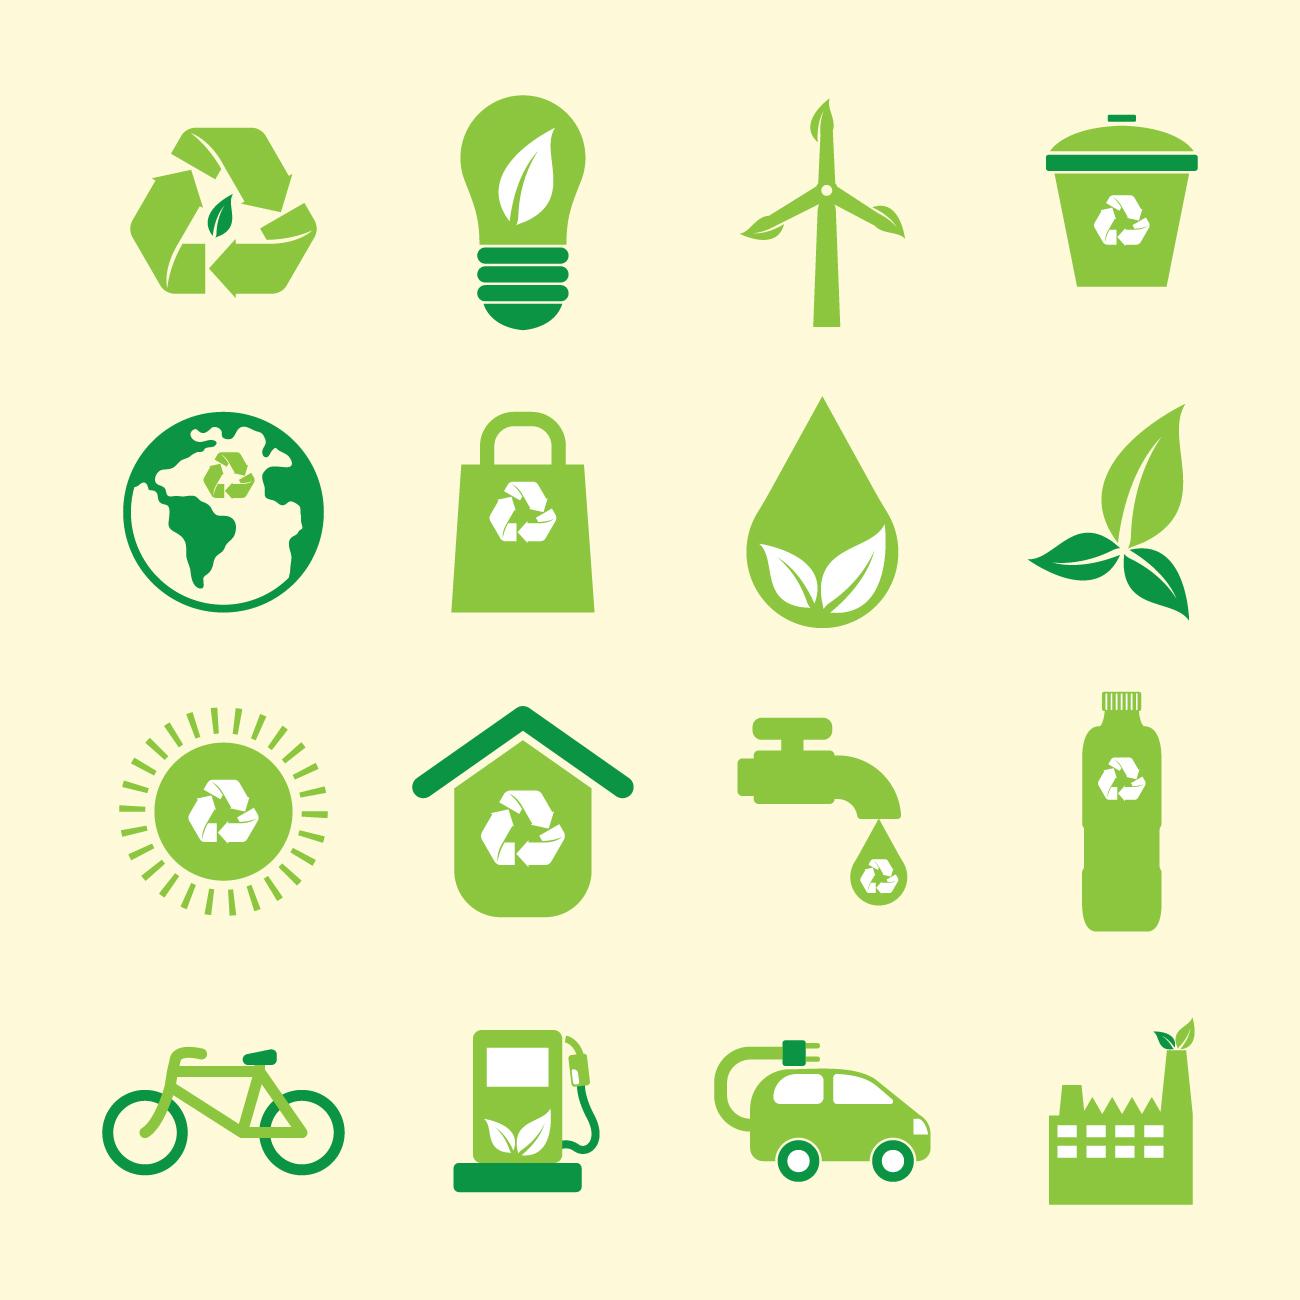 les différentes icônes de l'eco-responsabilite